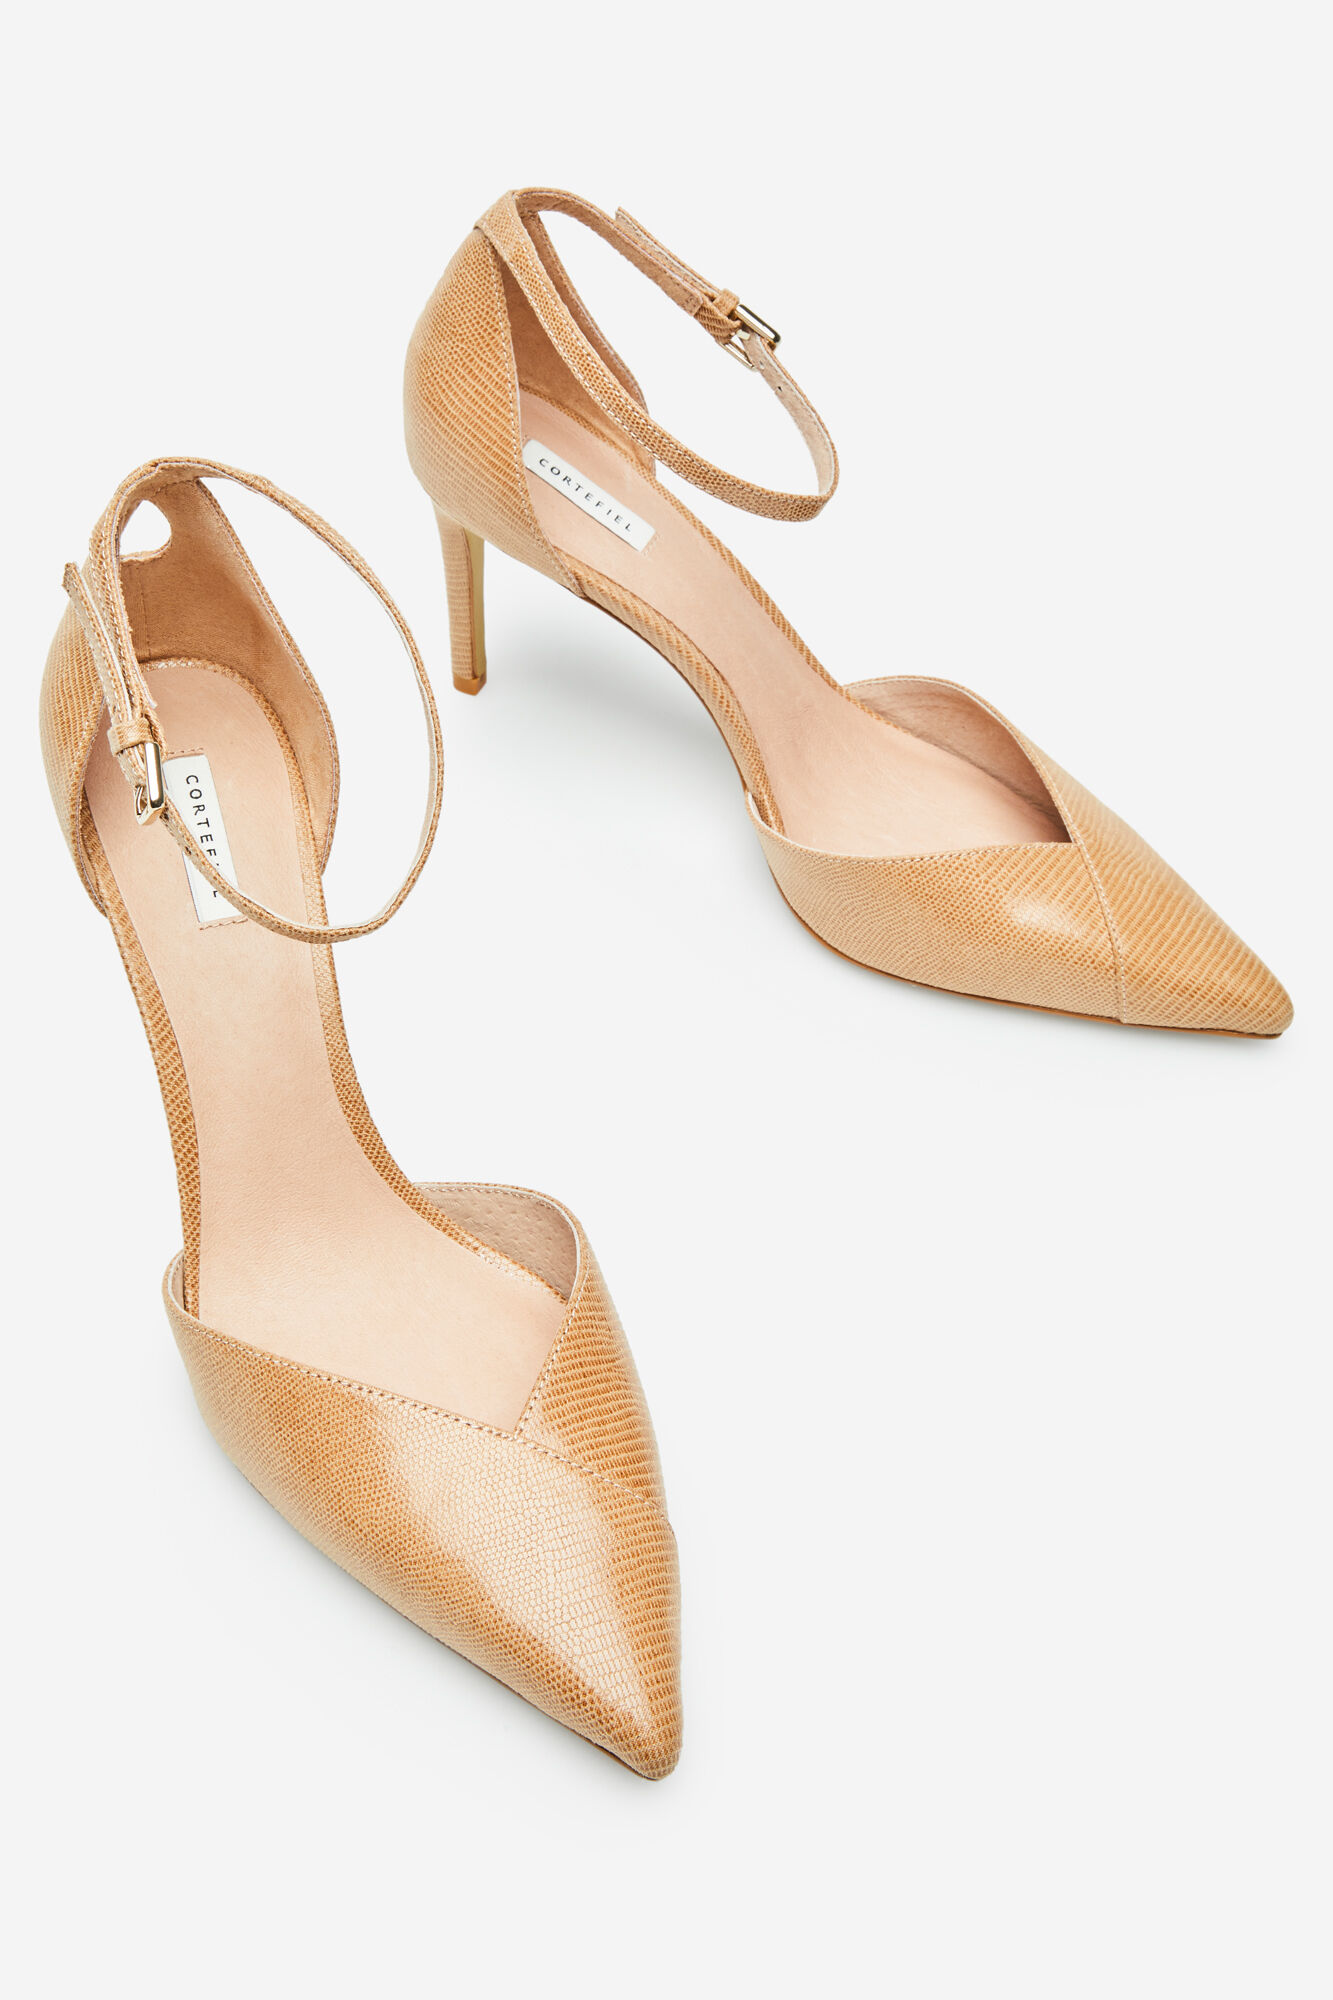 De Zapatos Zapatos MujerCortefiel De De MujerCortefiel MujerCortefiel Zapatos W9YIED2H